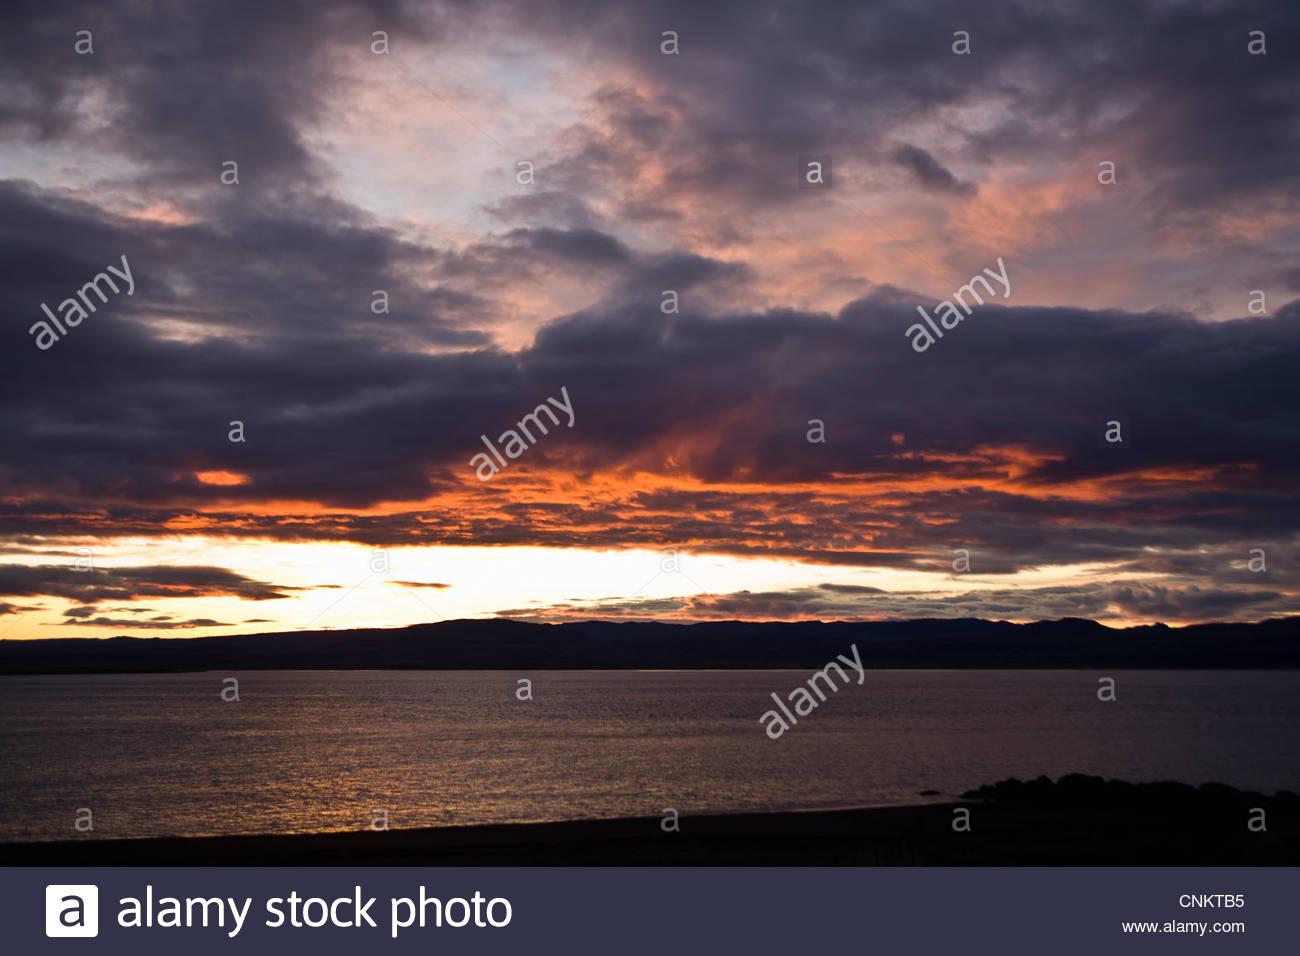 Drammatica nubi sul paesaggio rurale Immagini Stock